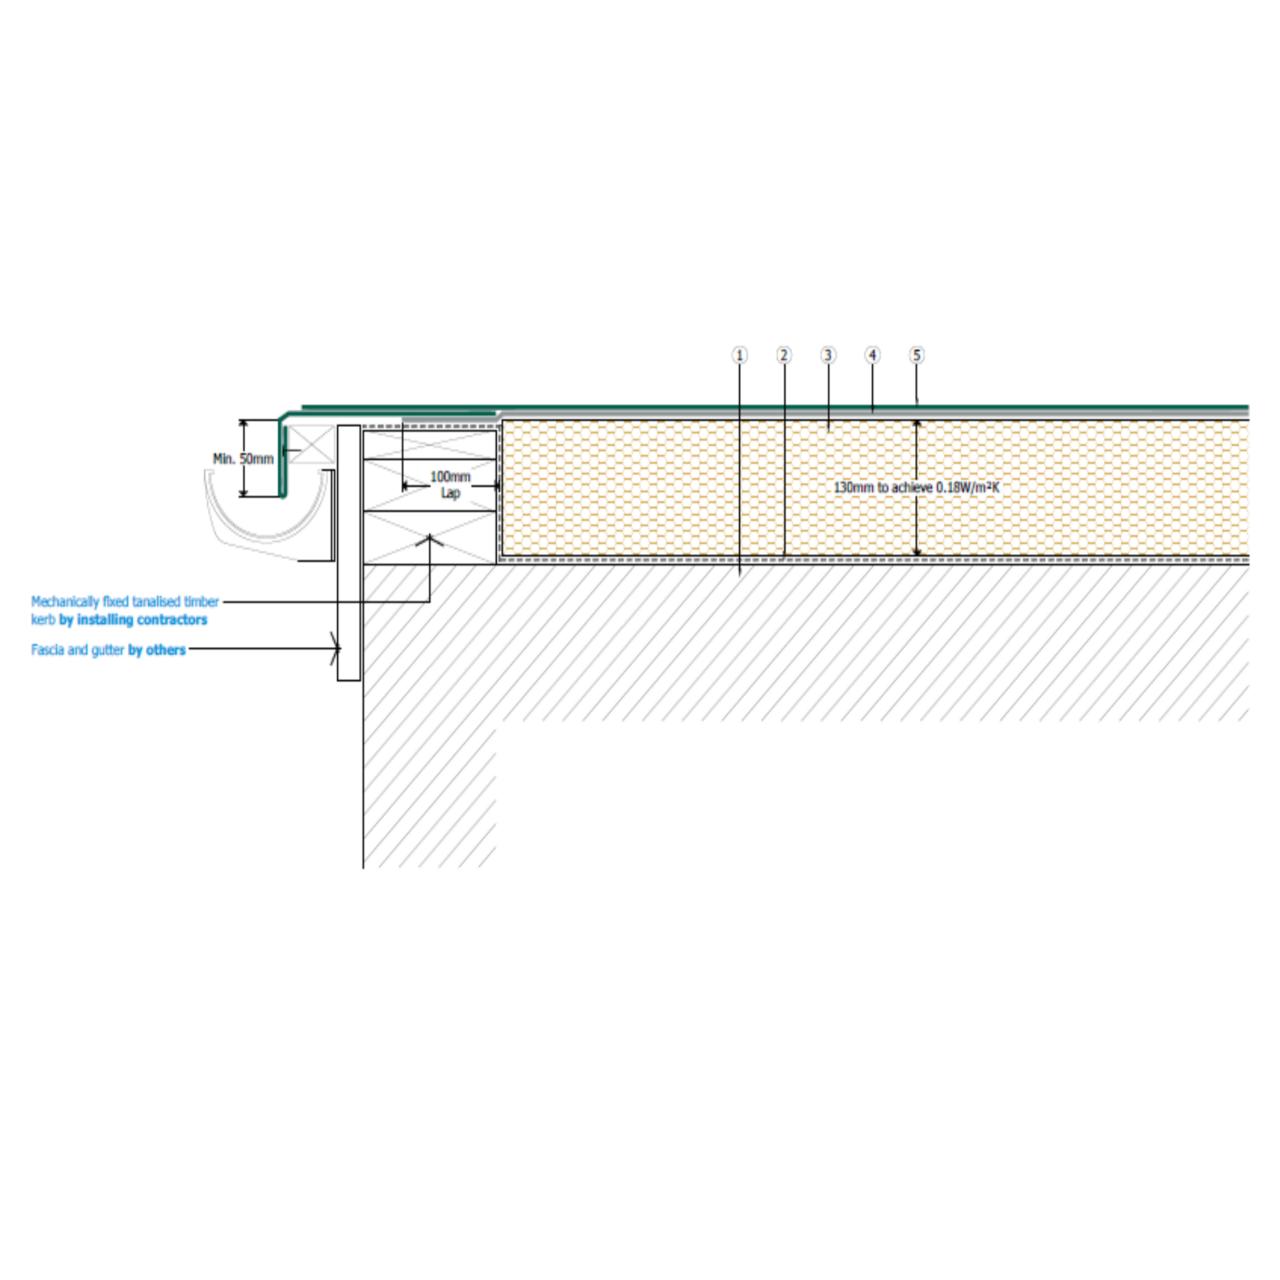 IE-Roofing-SikaBit-Standard Detail